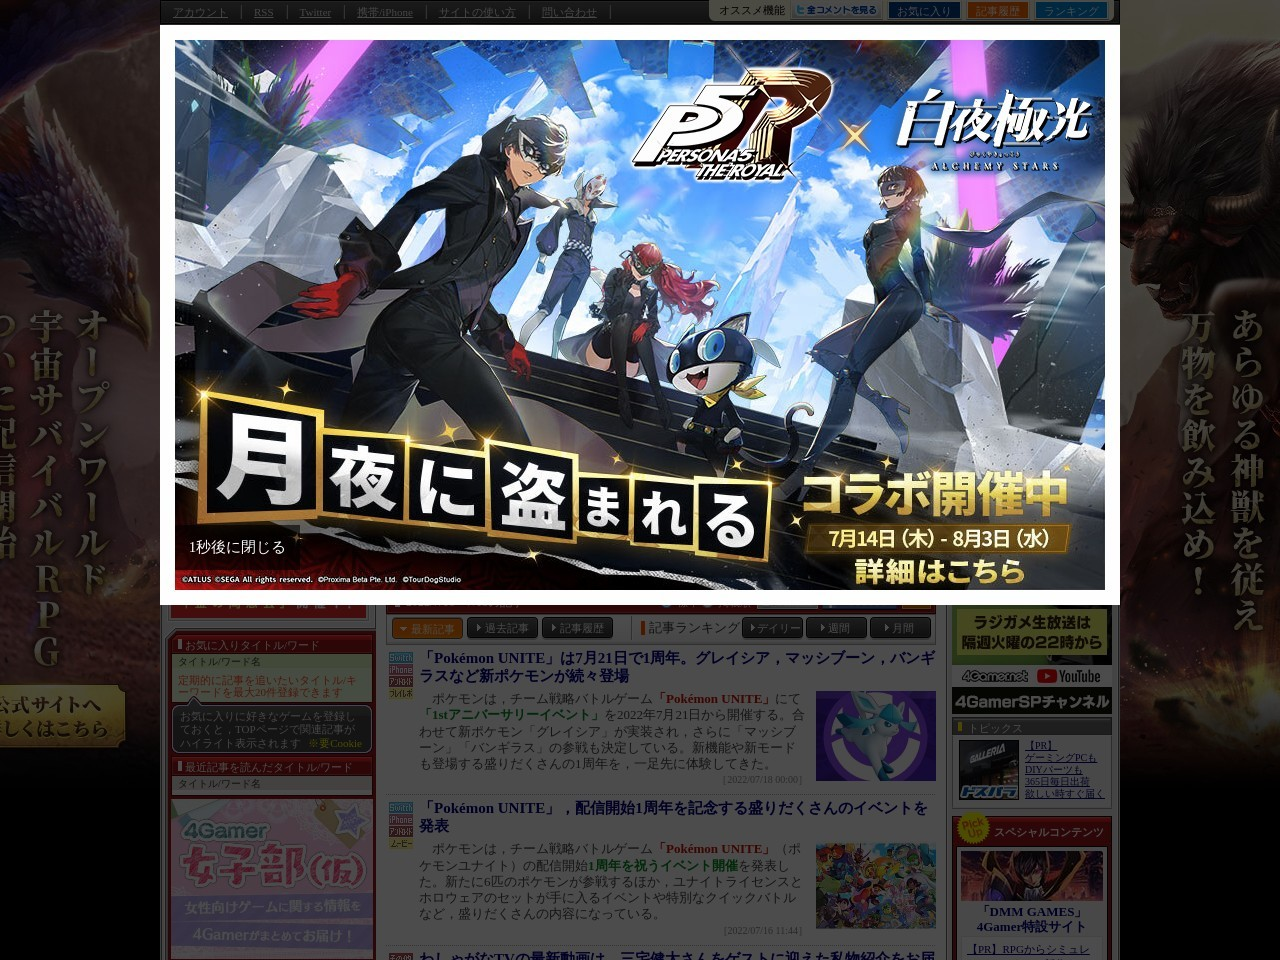 「スクスタ」,虹ヶ咲学園スクールアイドル同好会マンスリーランキング3月度が開催